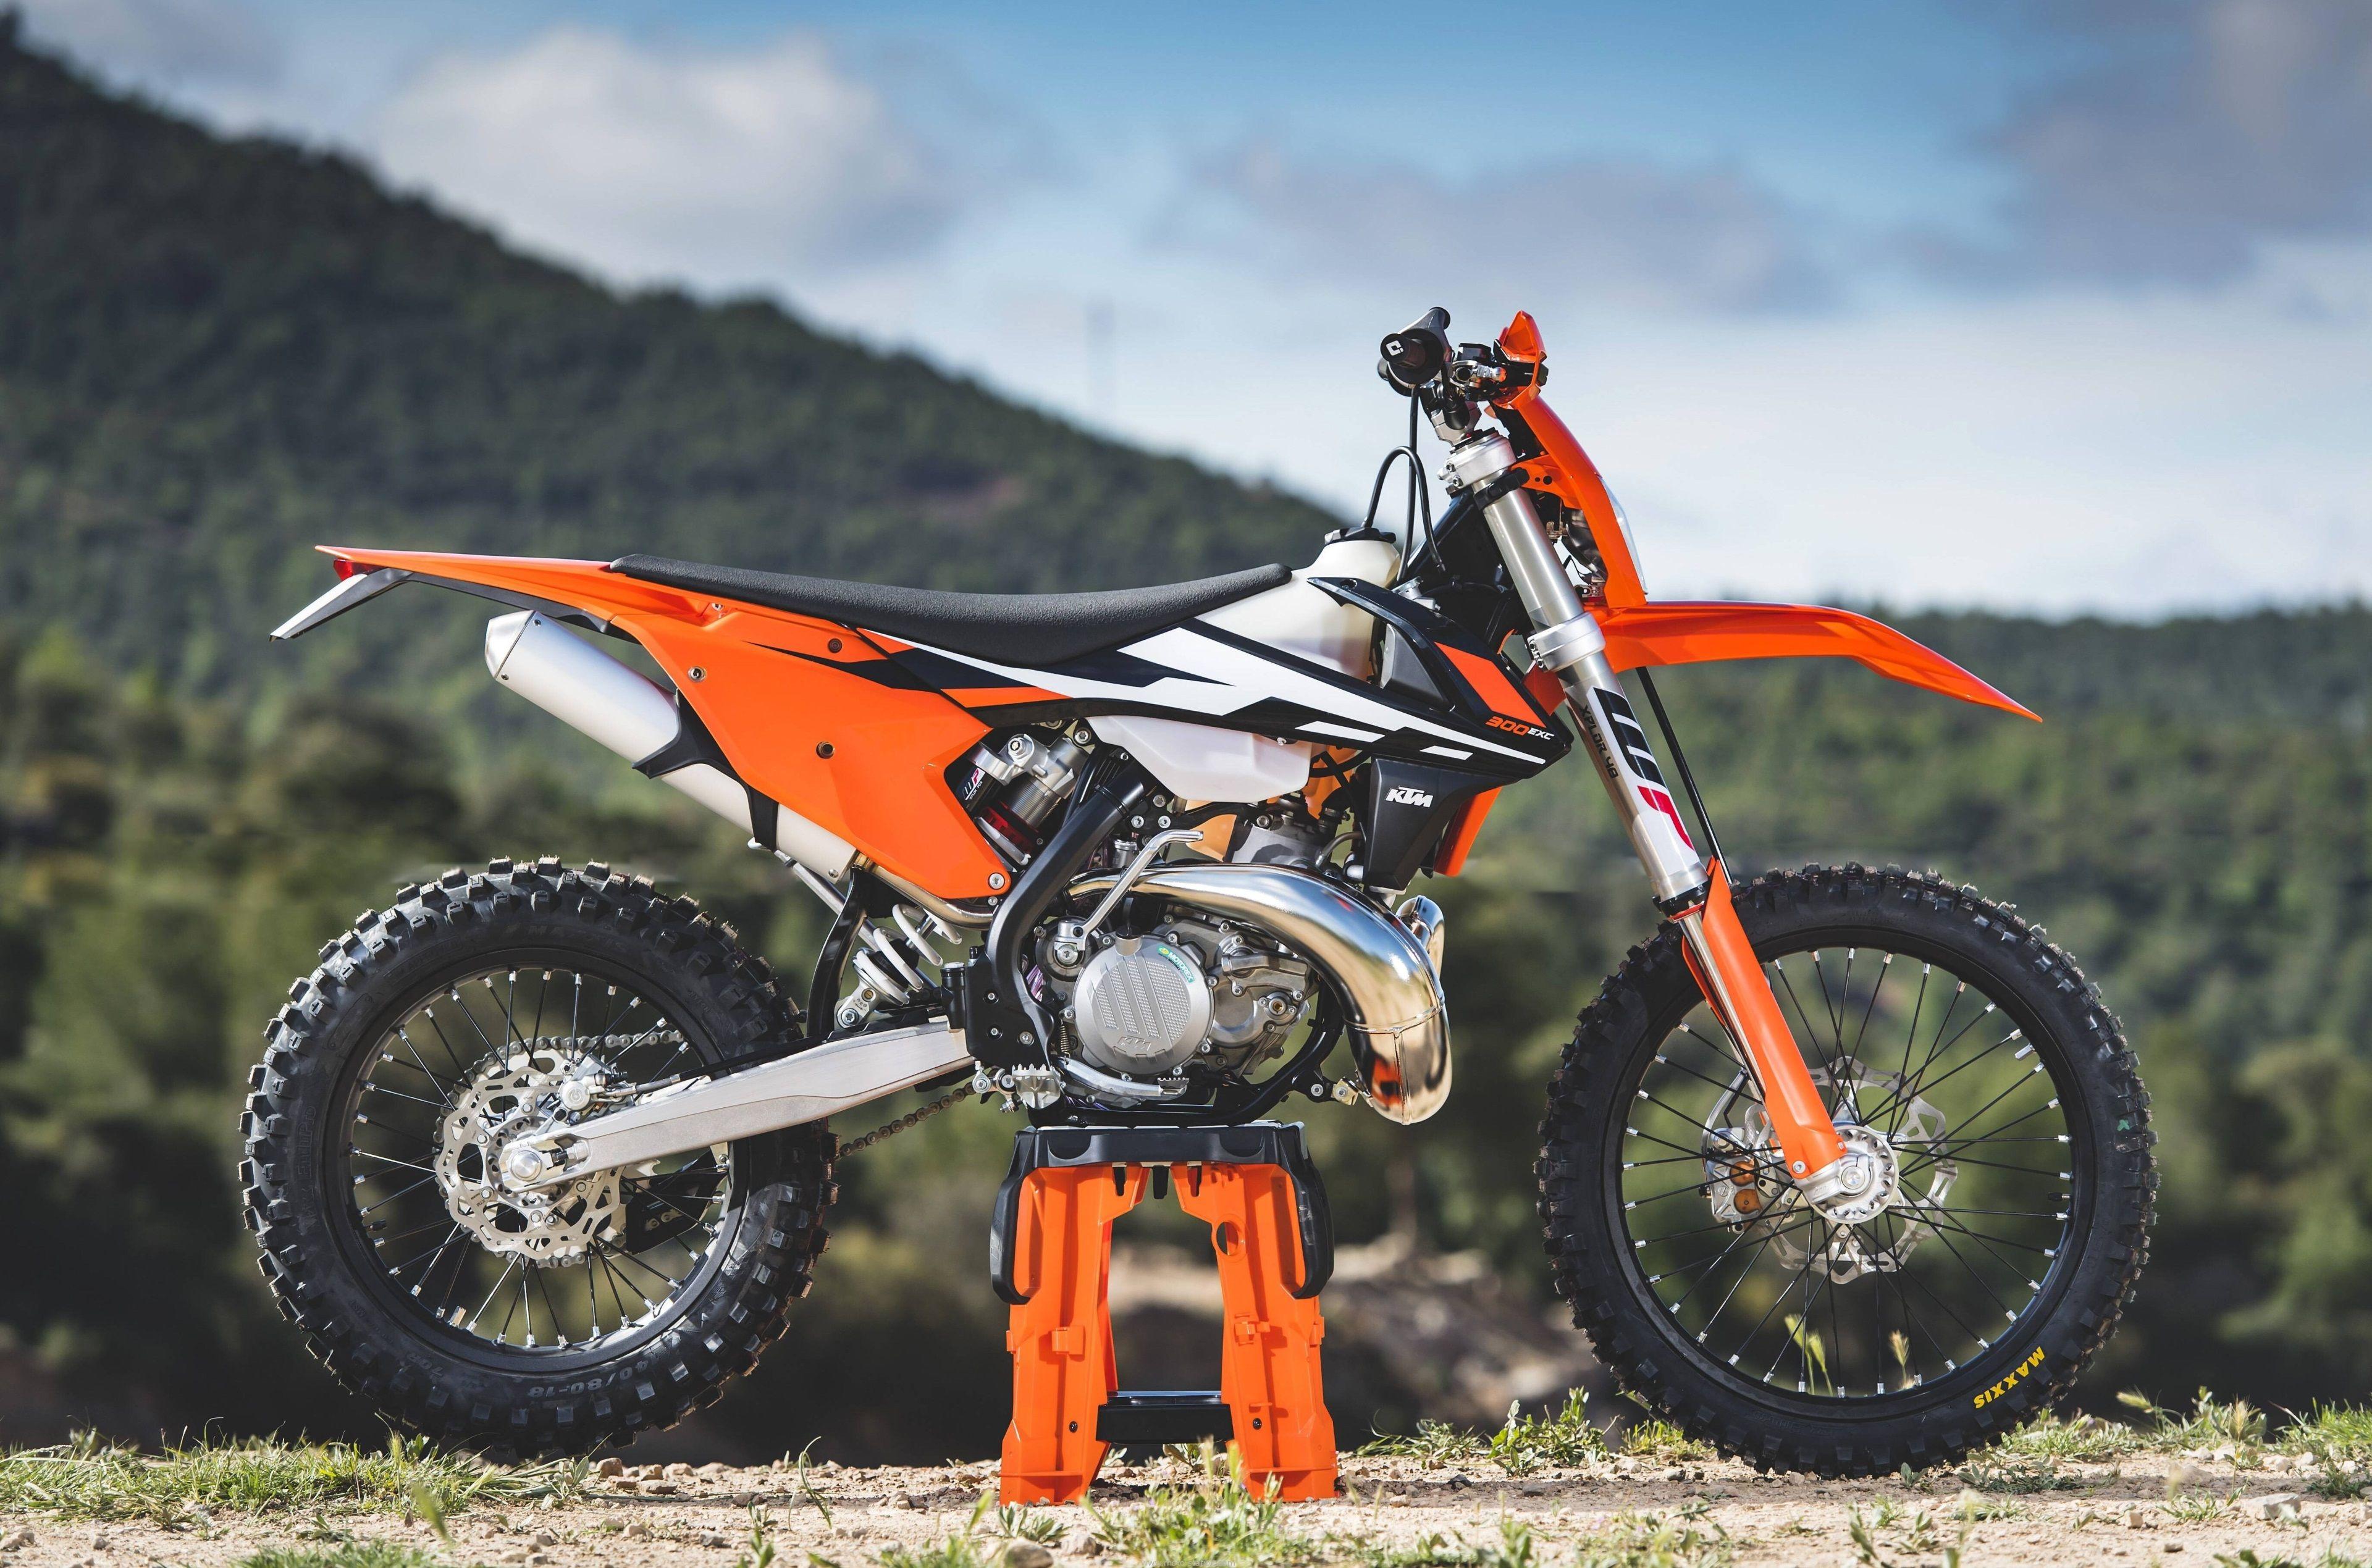 3840x2539 Ktm 300 Exc 4k Desktop Backgrounds Wallpaper Ktm Ktm Motocross Ktm 300